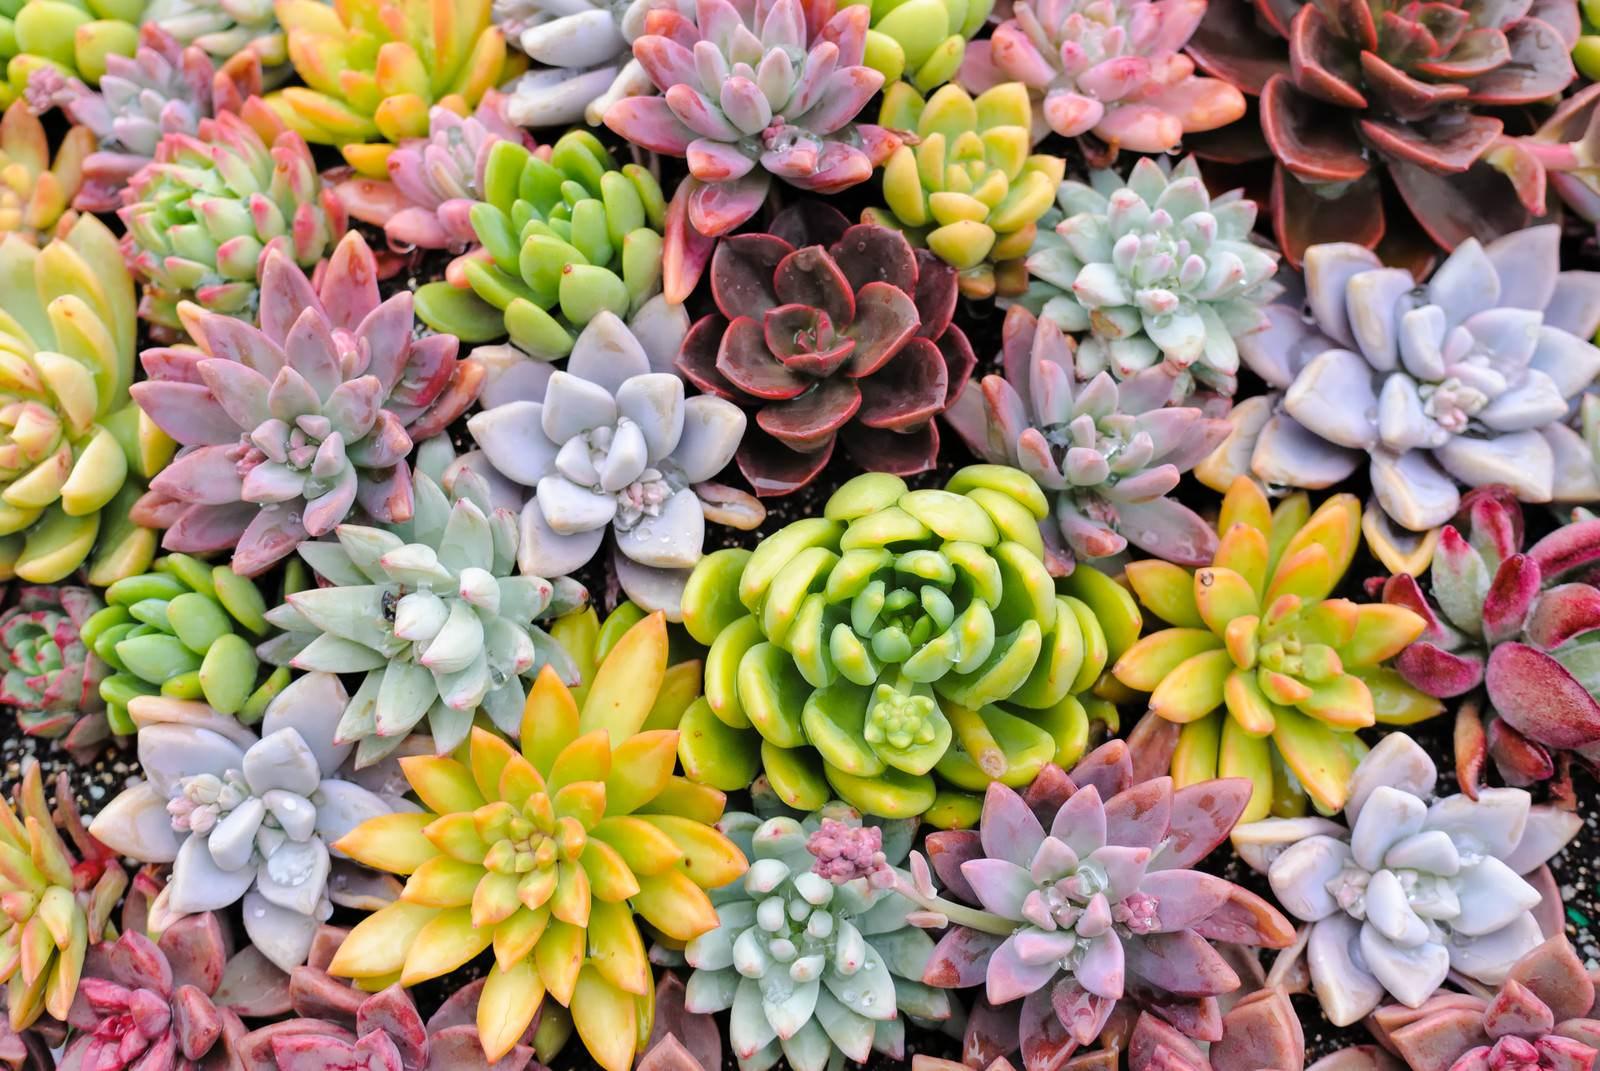 「カラフルな多肉植物のテクスチャーカラフルな多肉植物のテクスチャー」のフリー写真素材を拡大